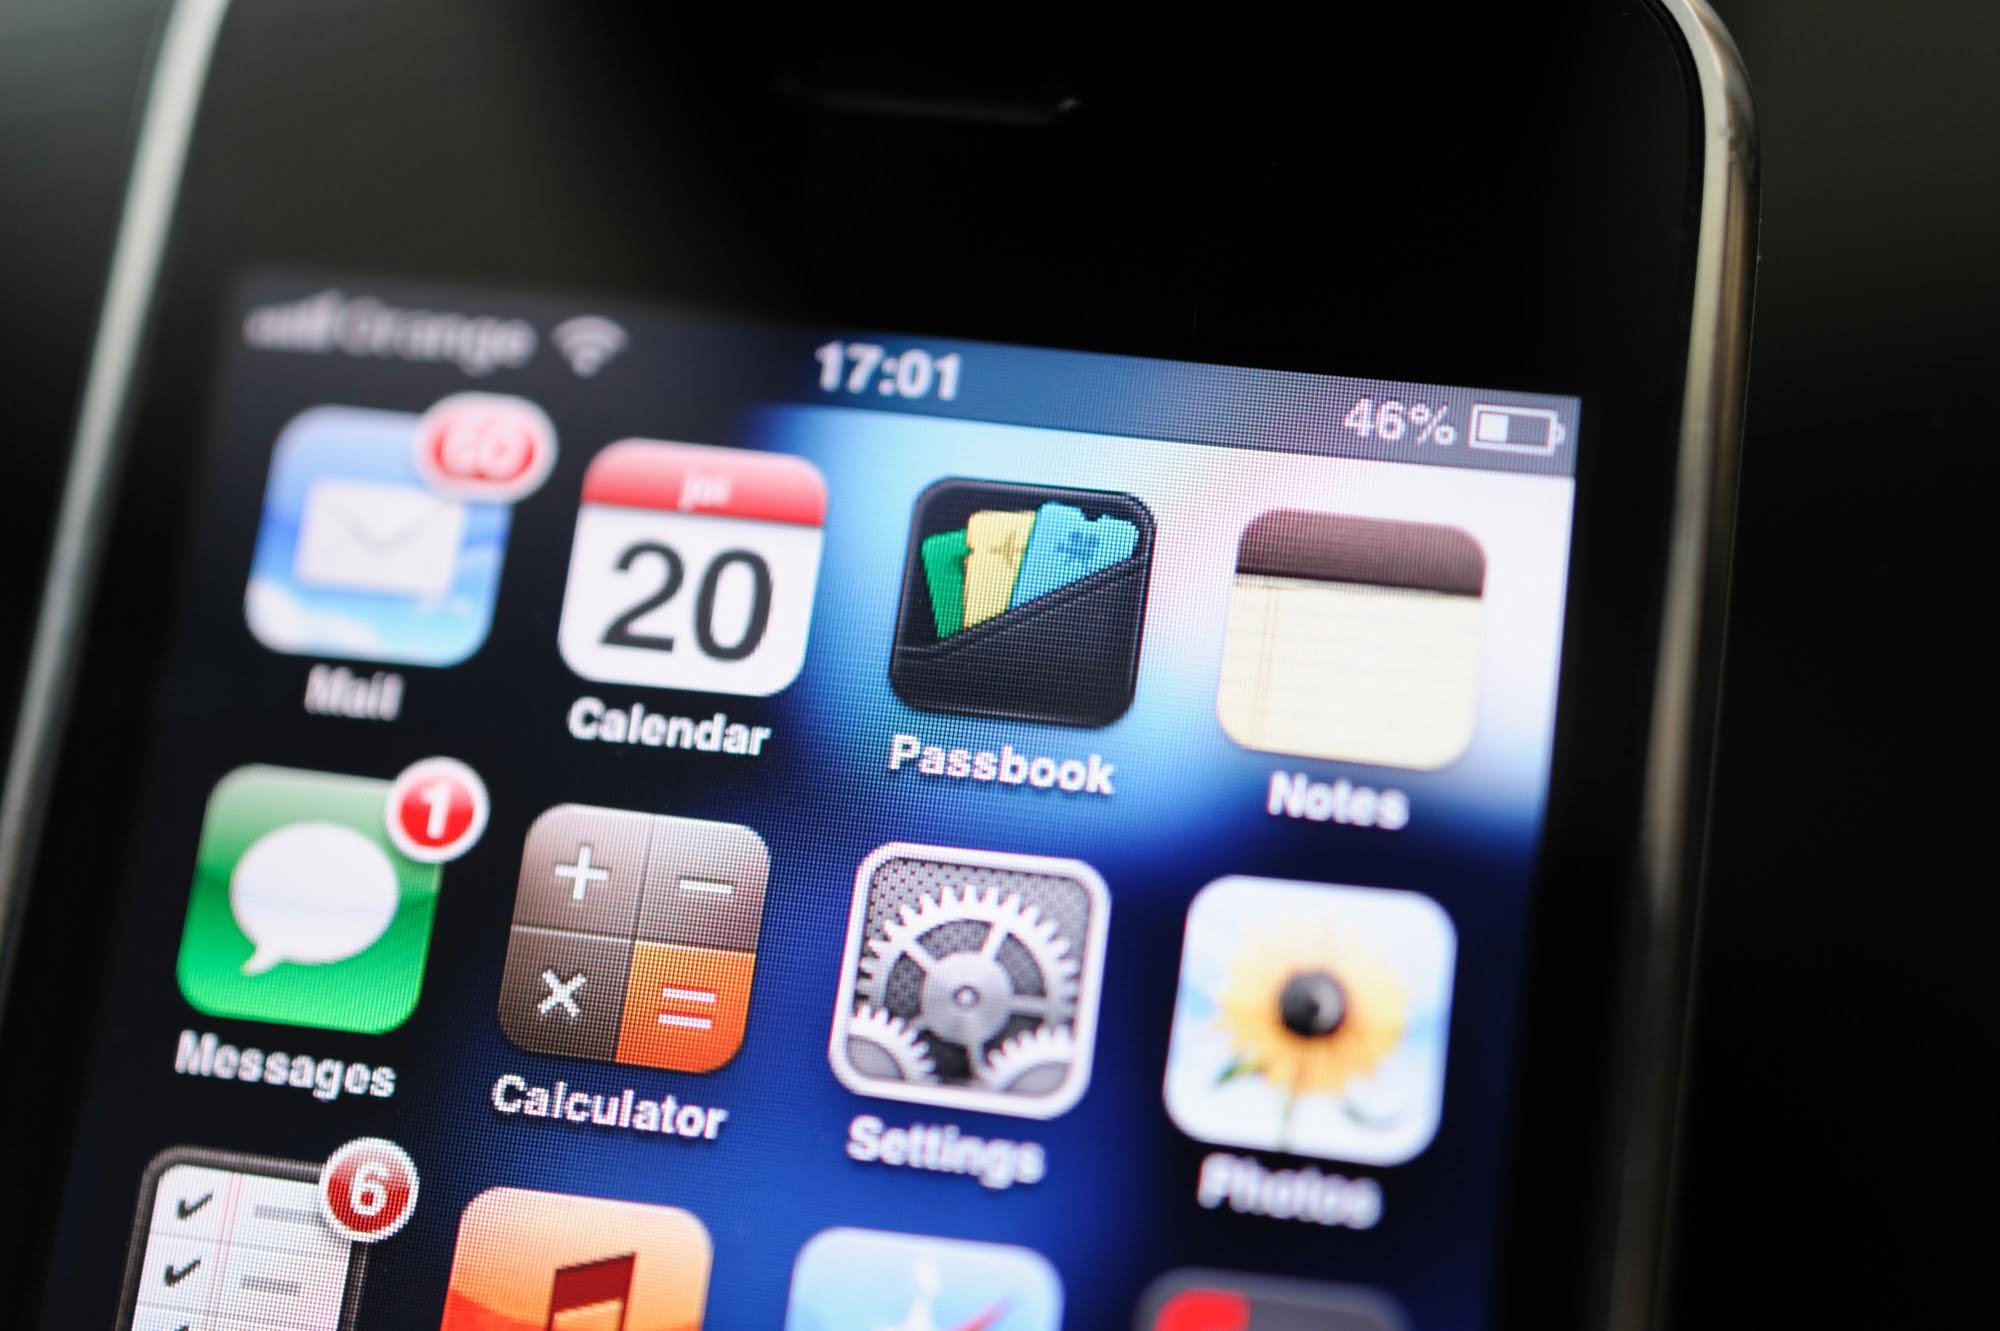 Сенсорные телефоны были и до Apple, но iPhone 2G стал первой альтернативой устройствам с аналоговыми кнопками